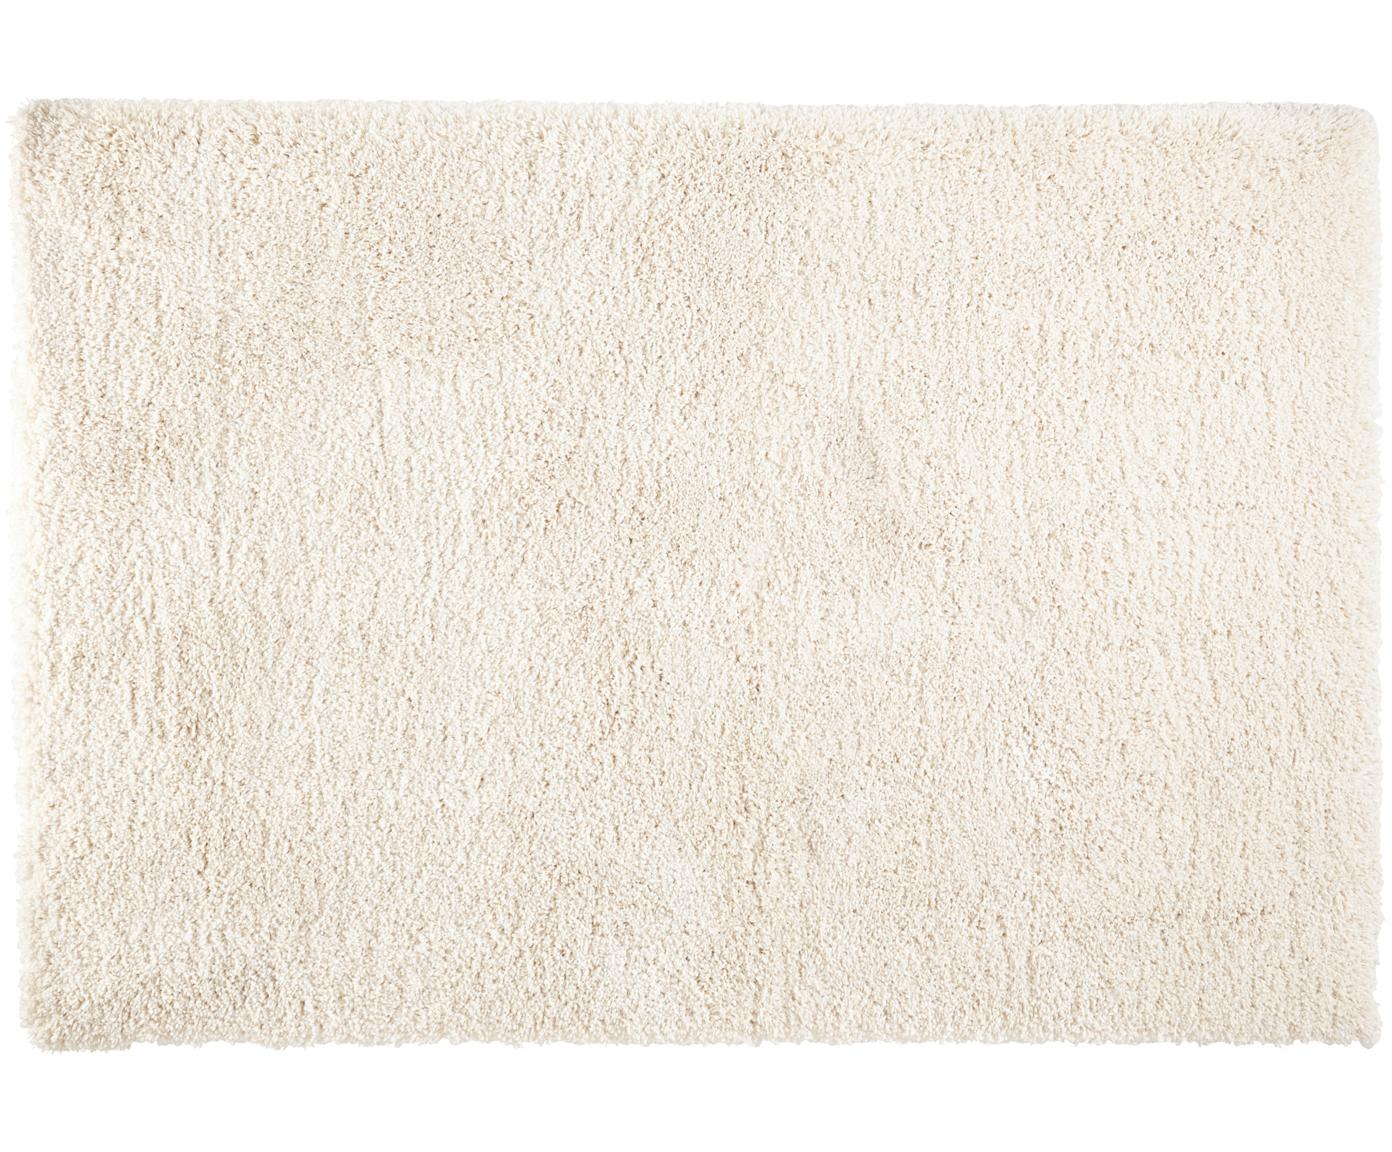 Puszysty dywan z wysokim stosem  Venice, Kremowy, S 80 x D 150 cm (Rozmiar XS)